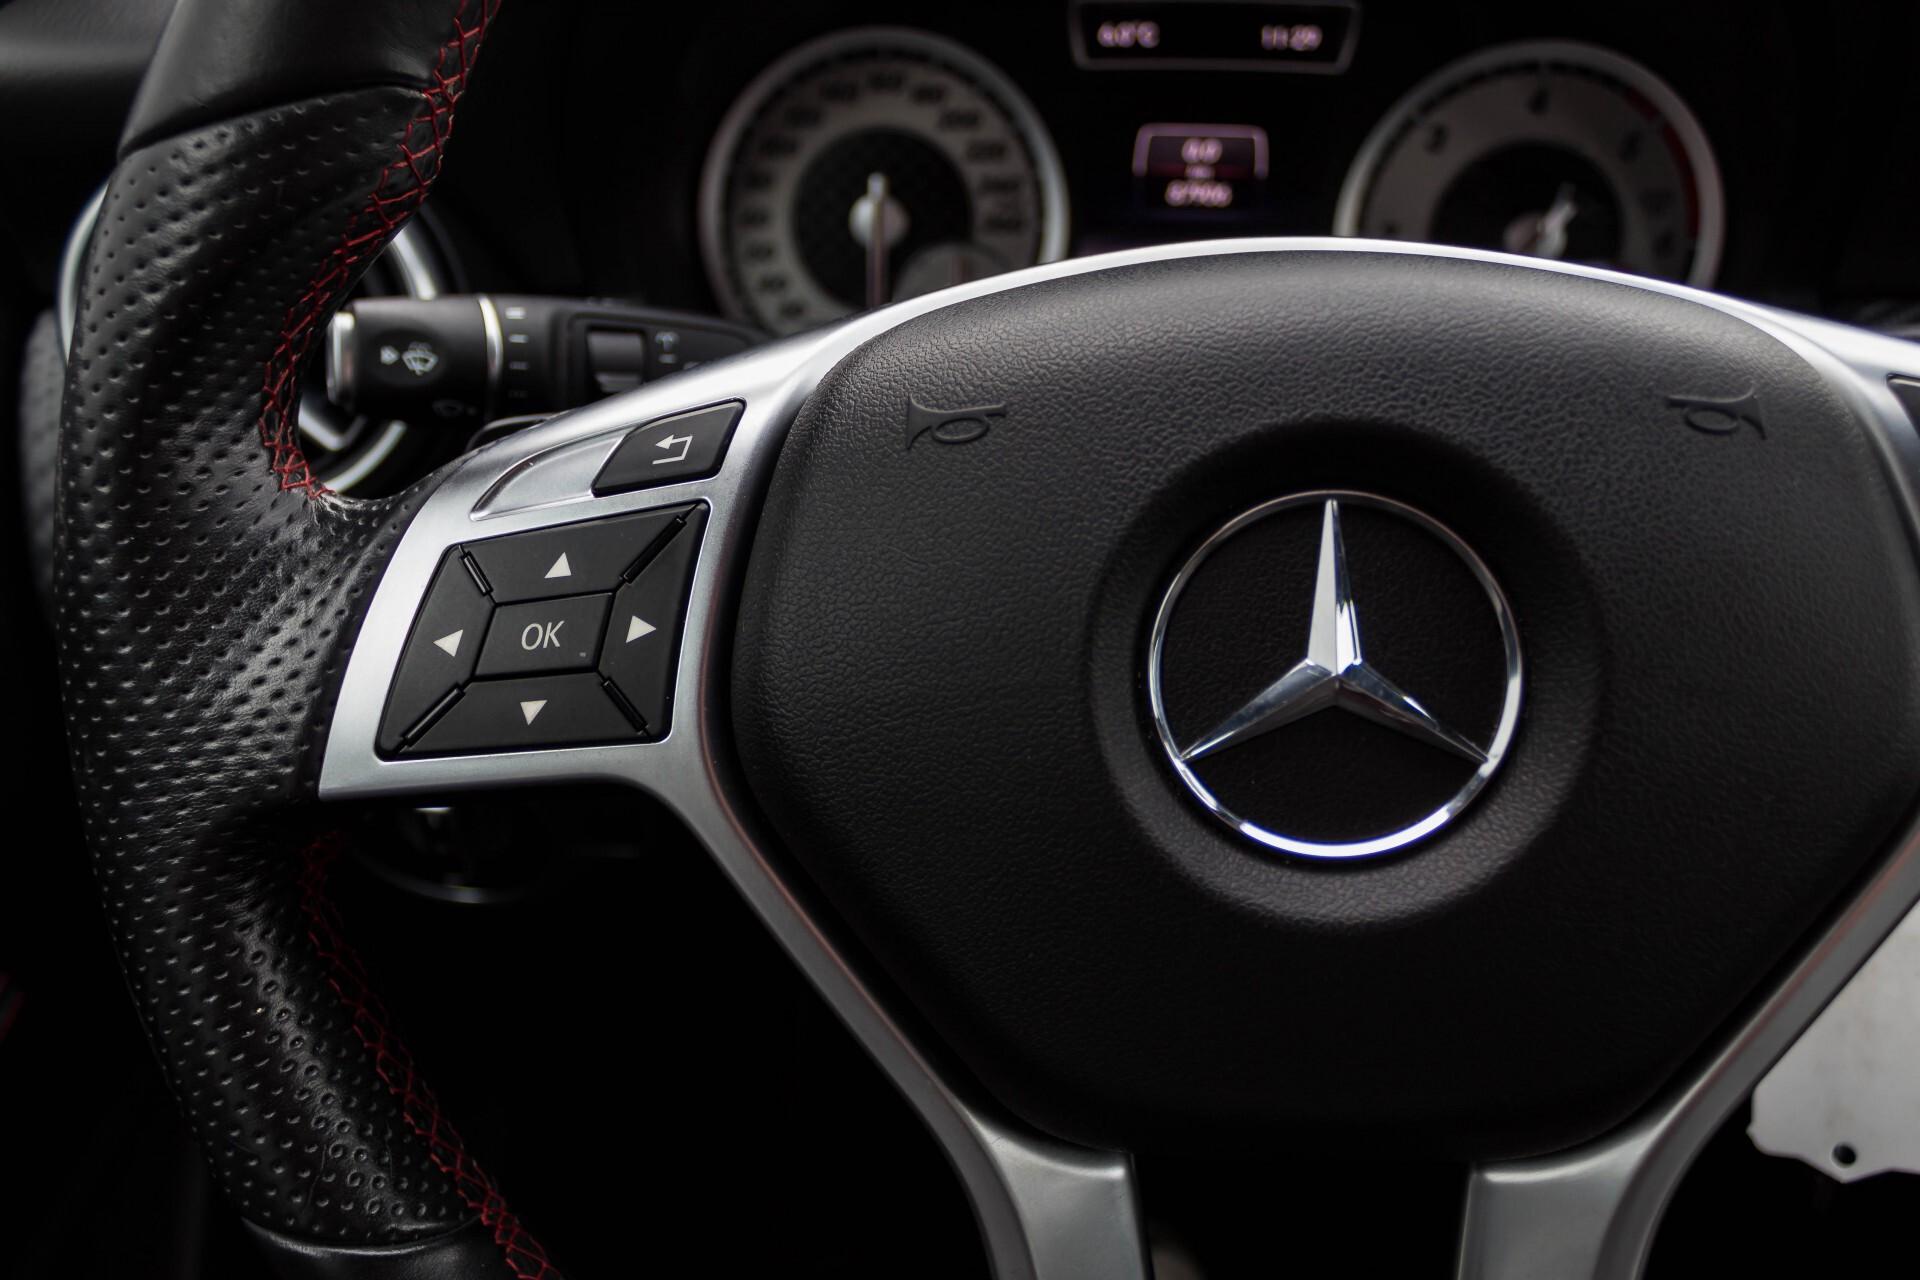 Mercedes-Benz A-Klasse 180 Cdi AMG Panorama Bi-xenon/Navi/PTS Aut7 Foto 9